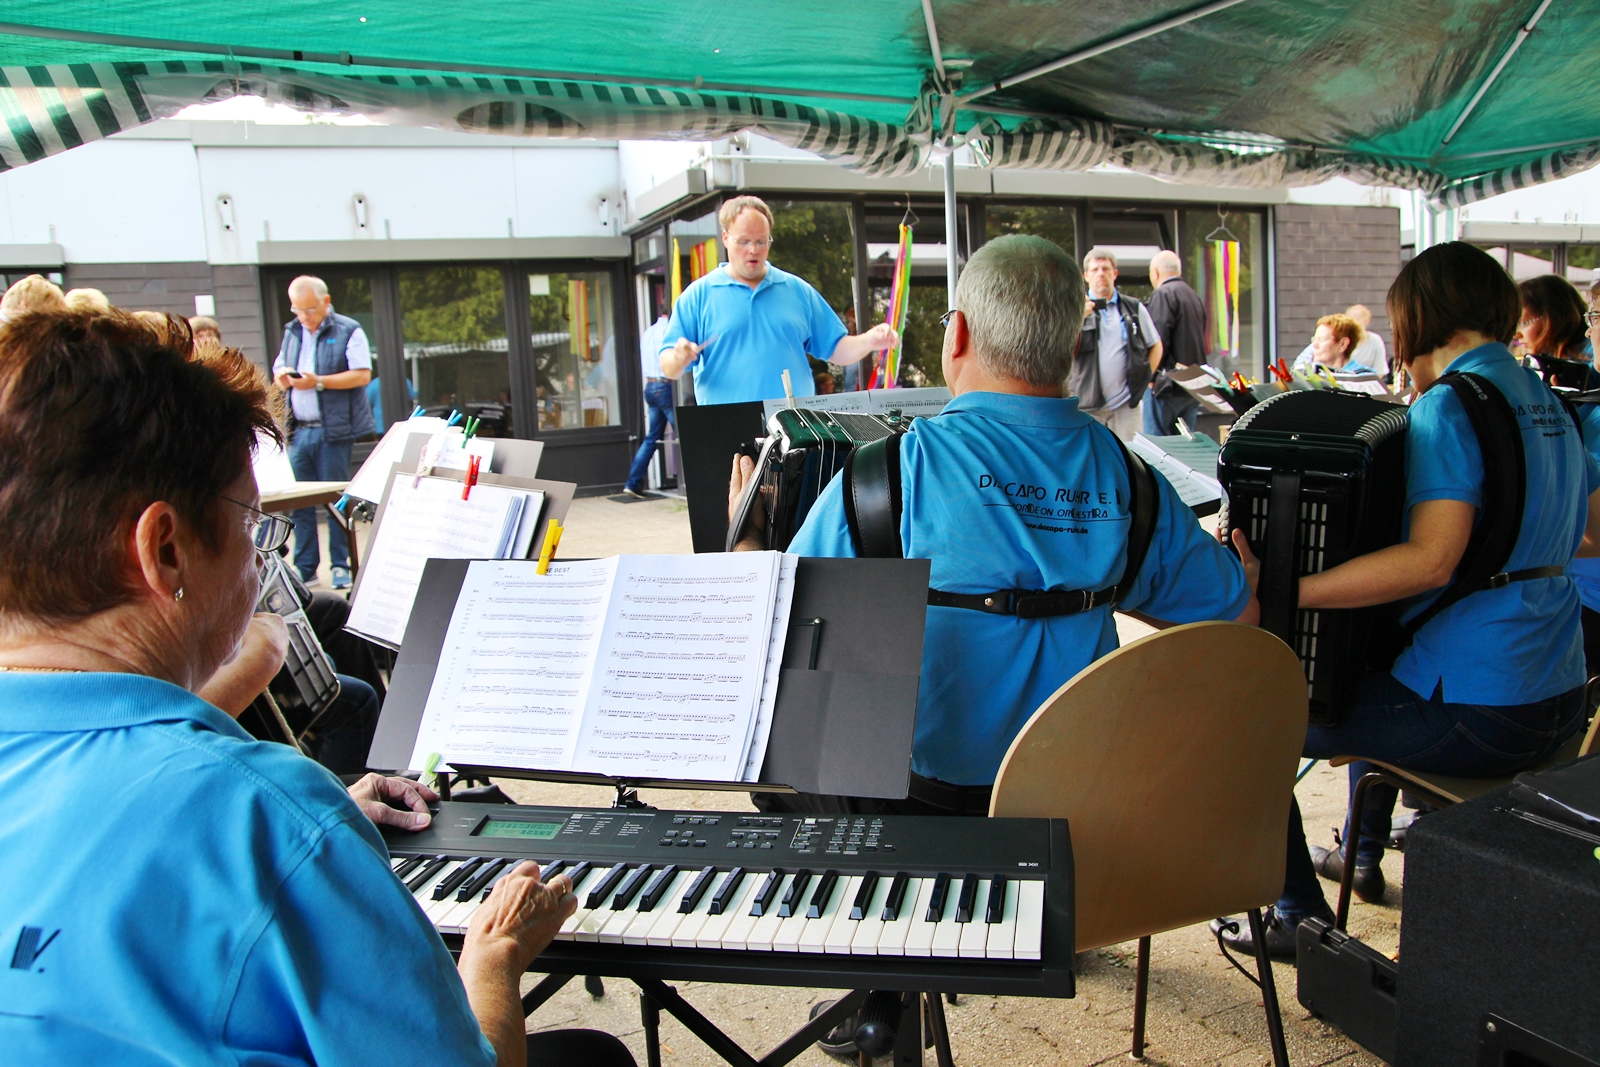 DCR_Thomaskirche Gemeindefest 02.09.2017